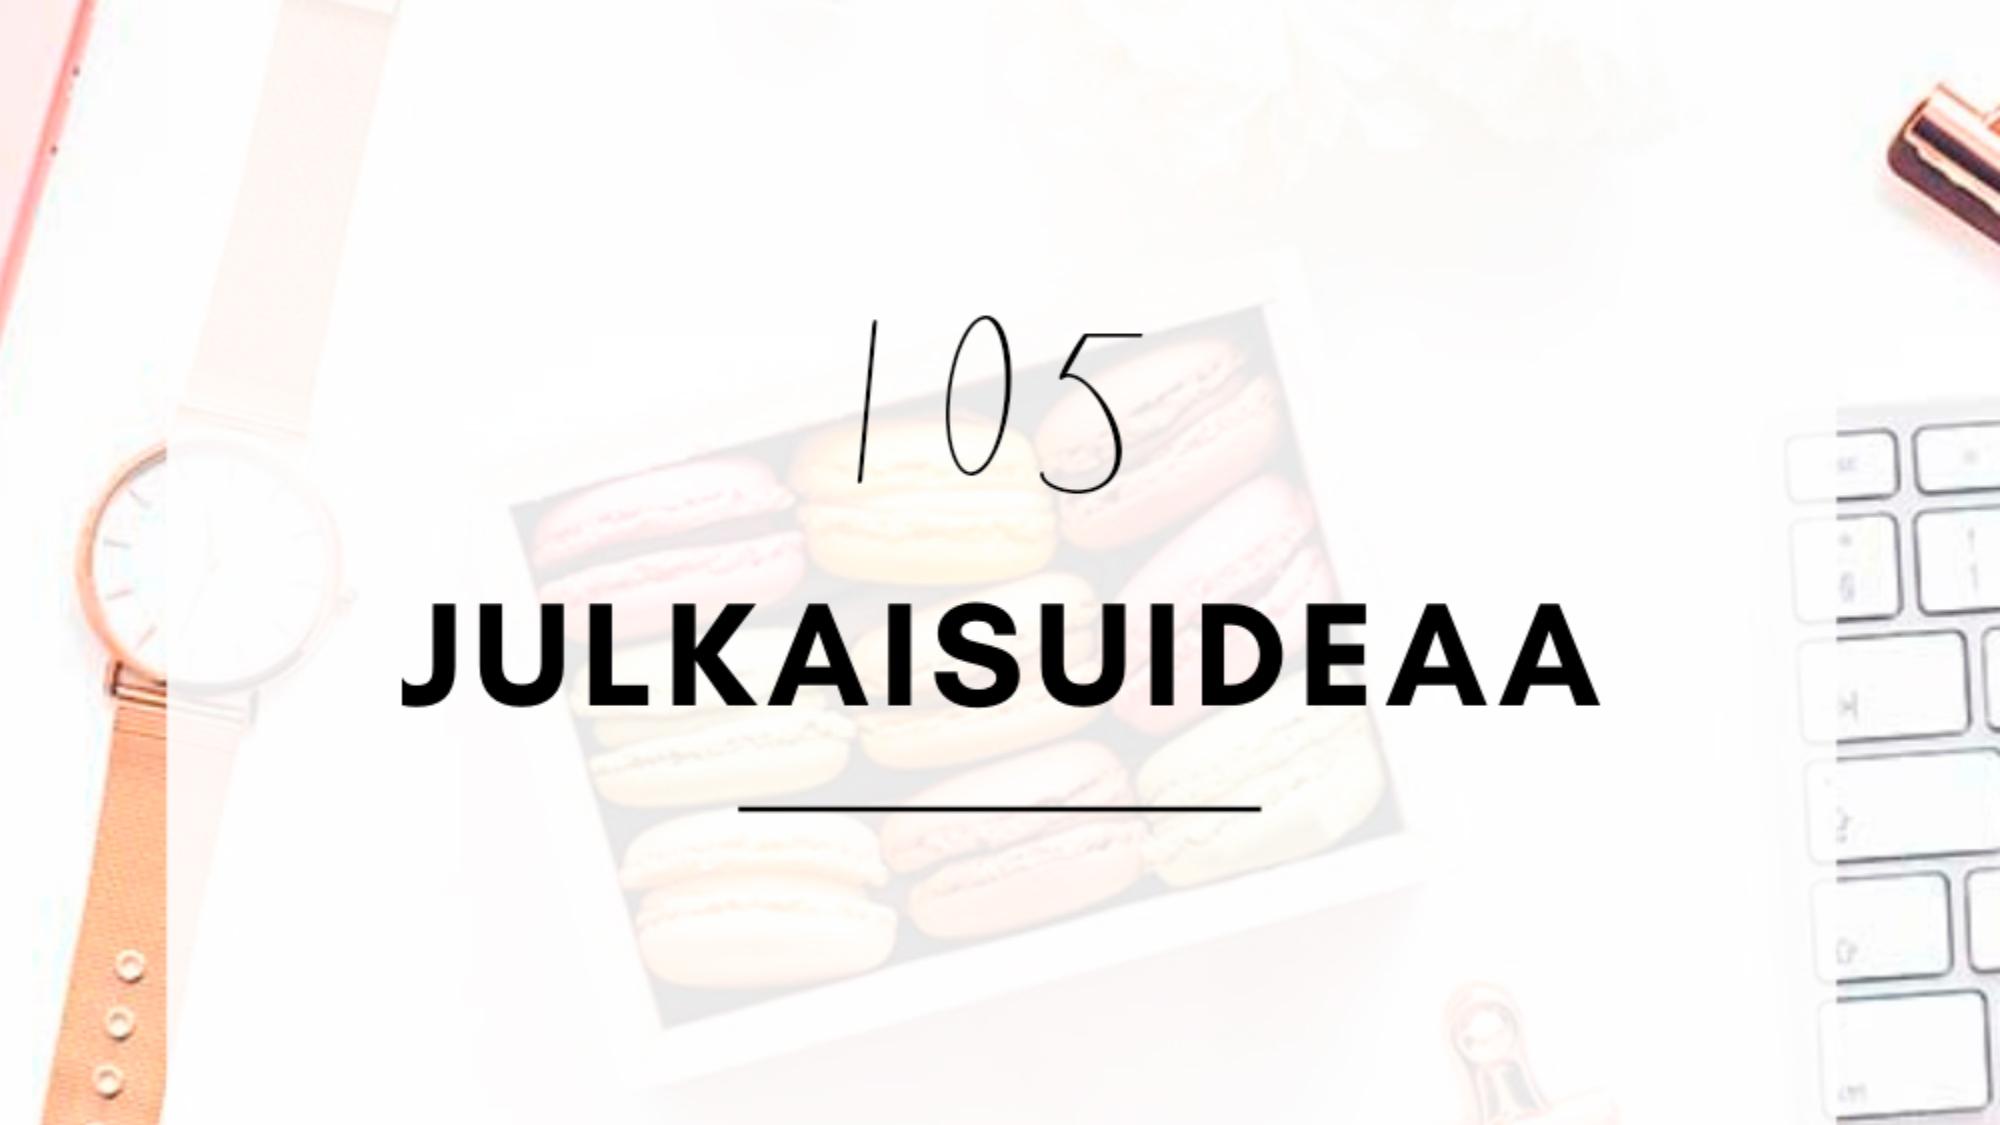 105 julkaisuideaa